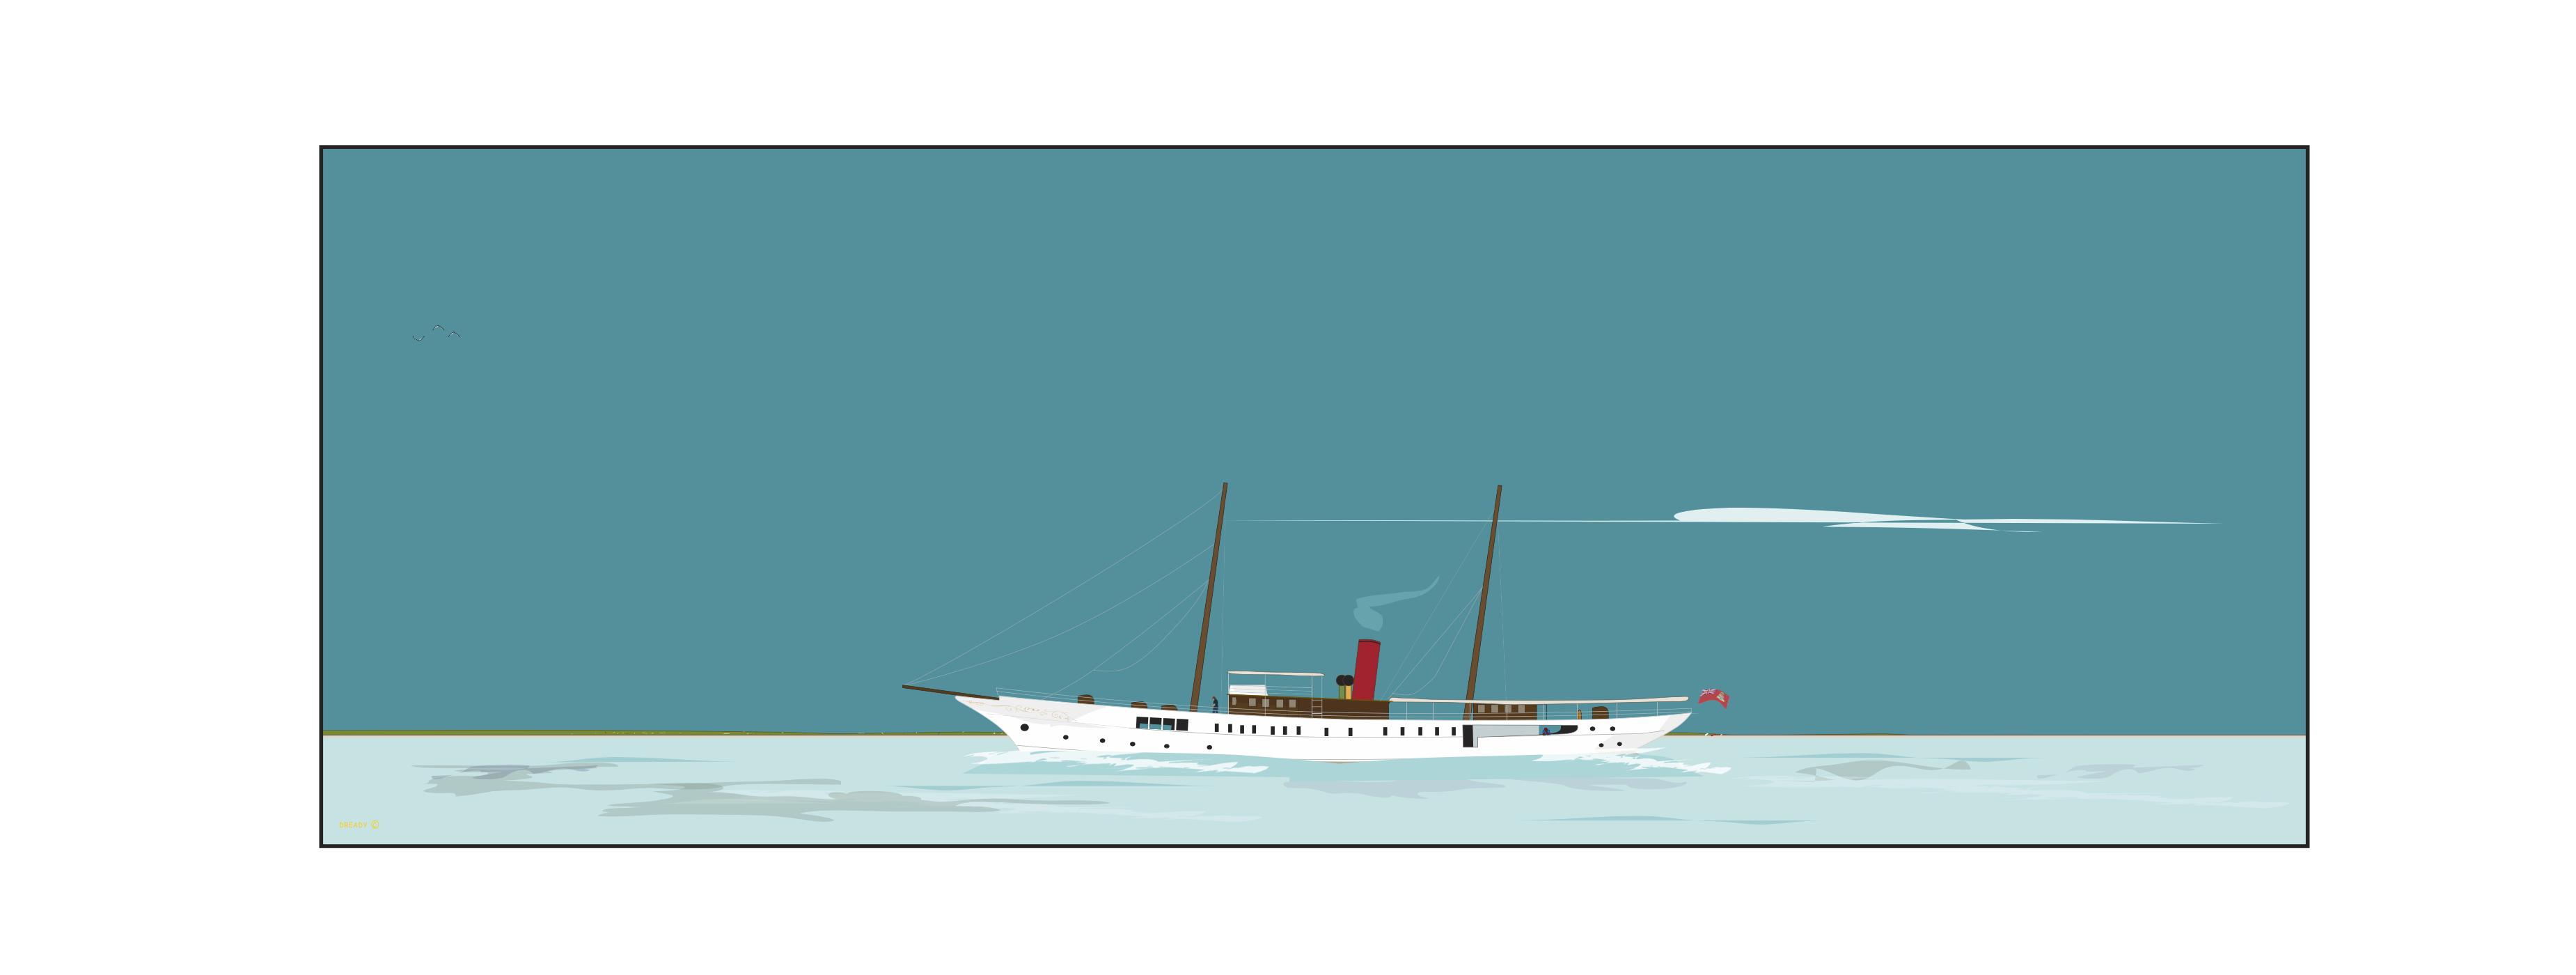 Dready Boat - Webster Line - 'Eros'